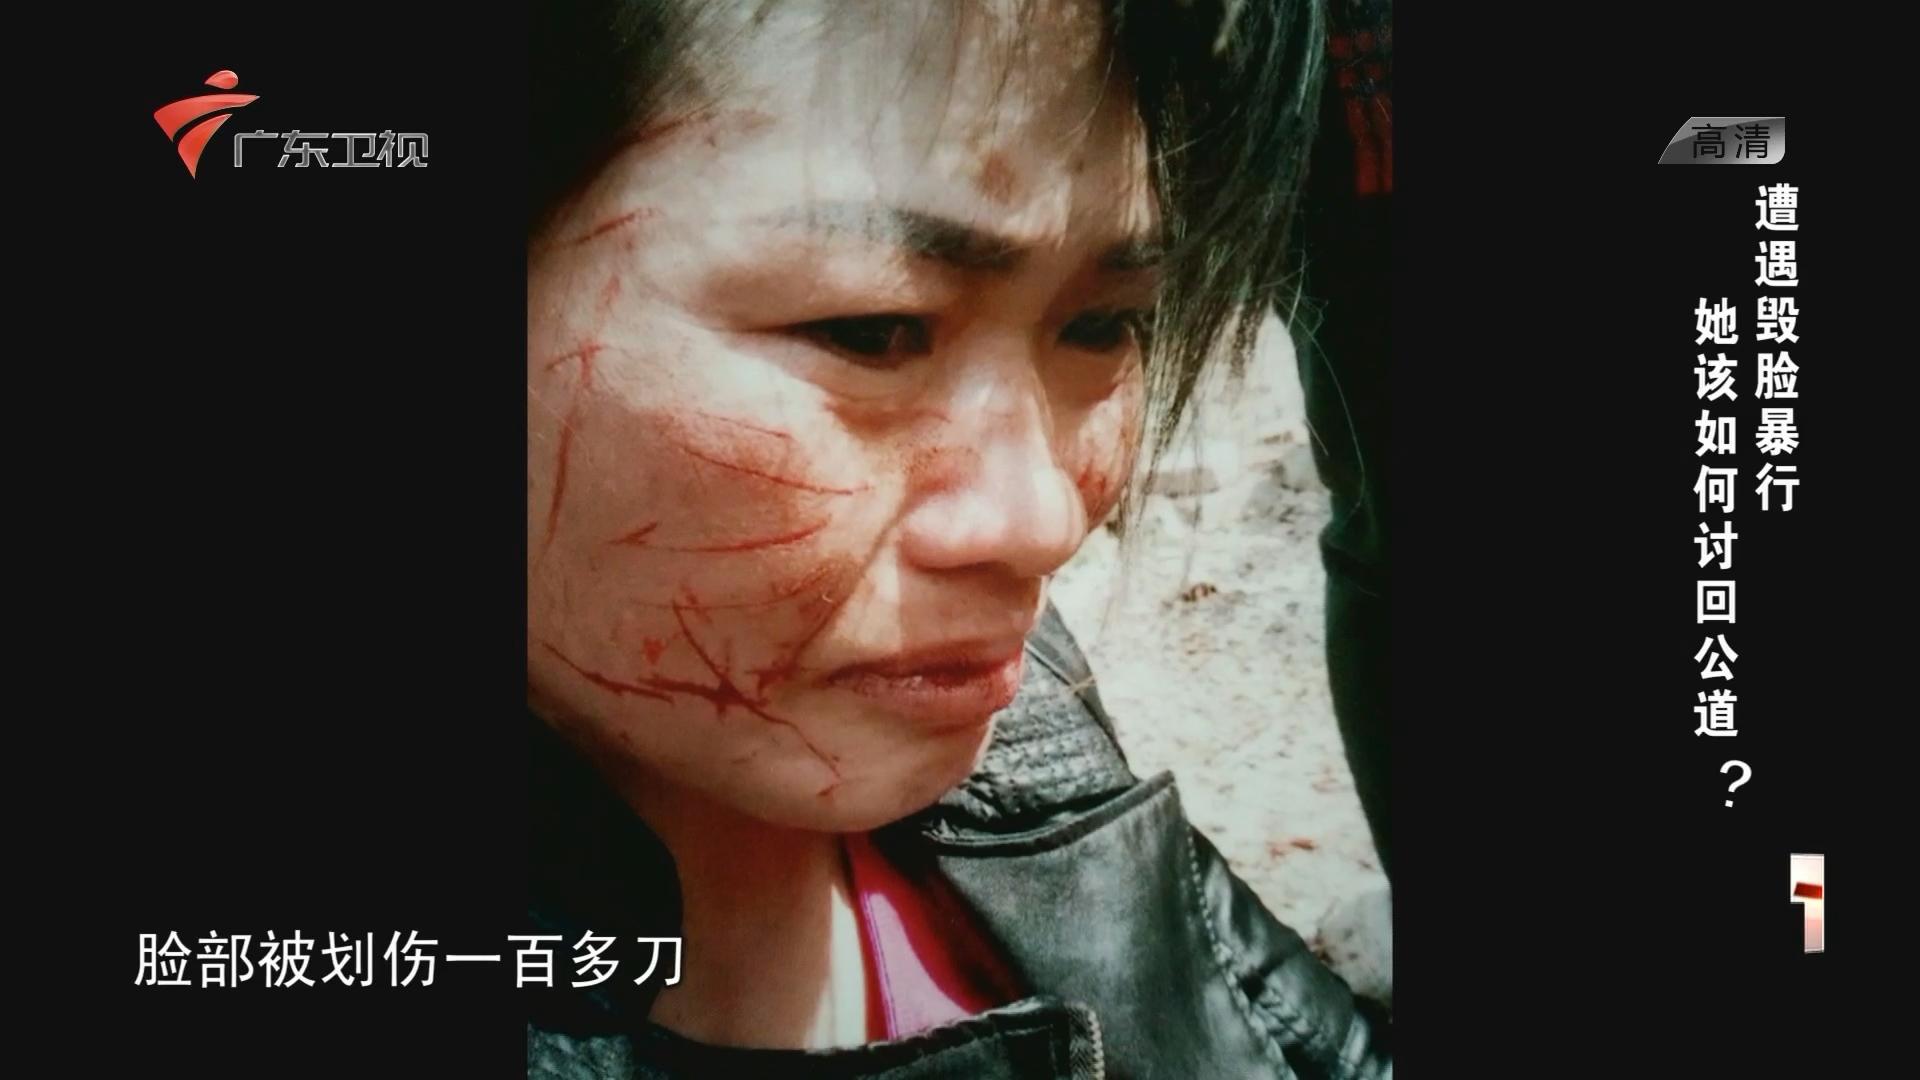 遭遇毁脸暴行 她该如何讨回公道?